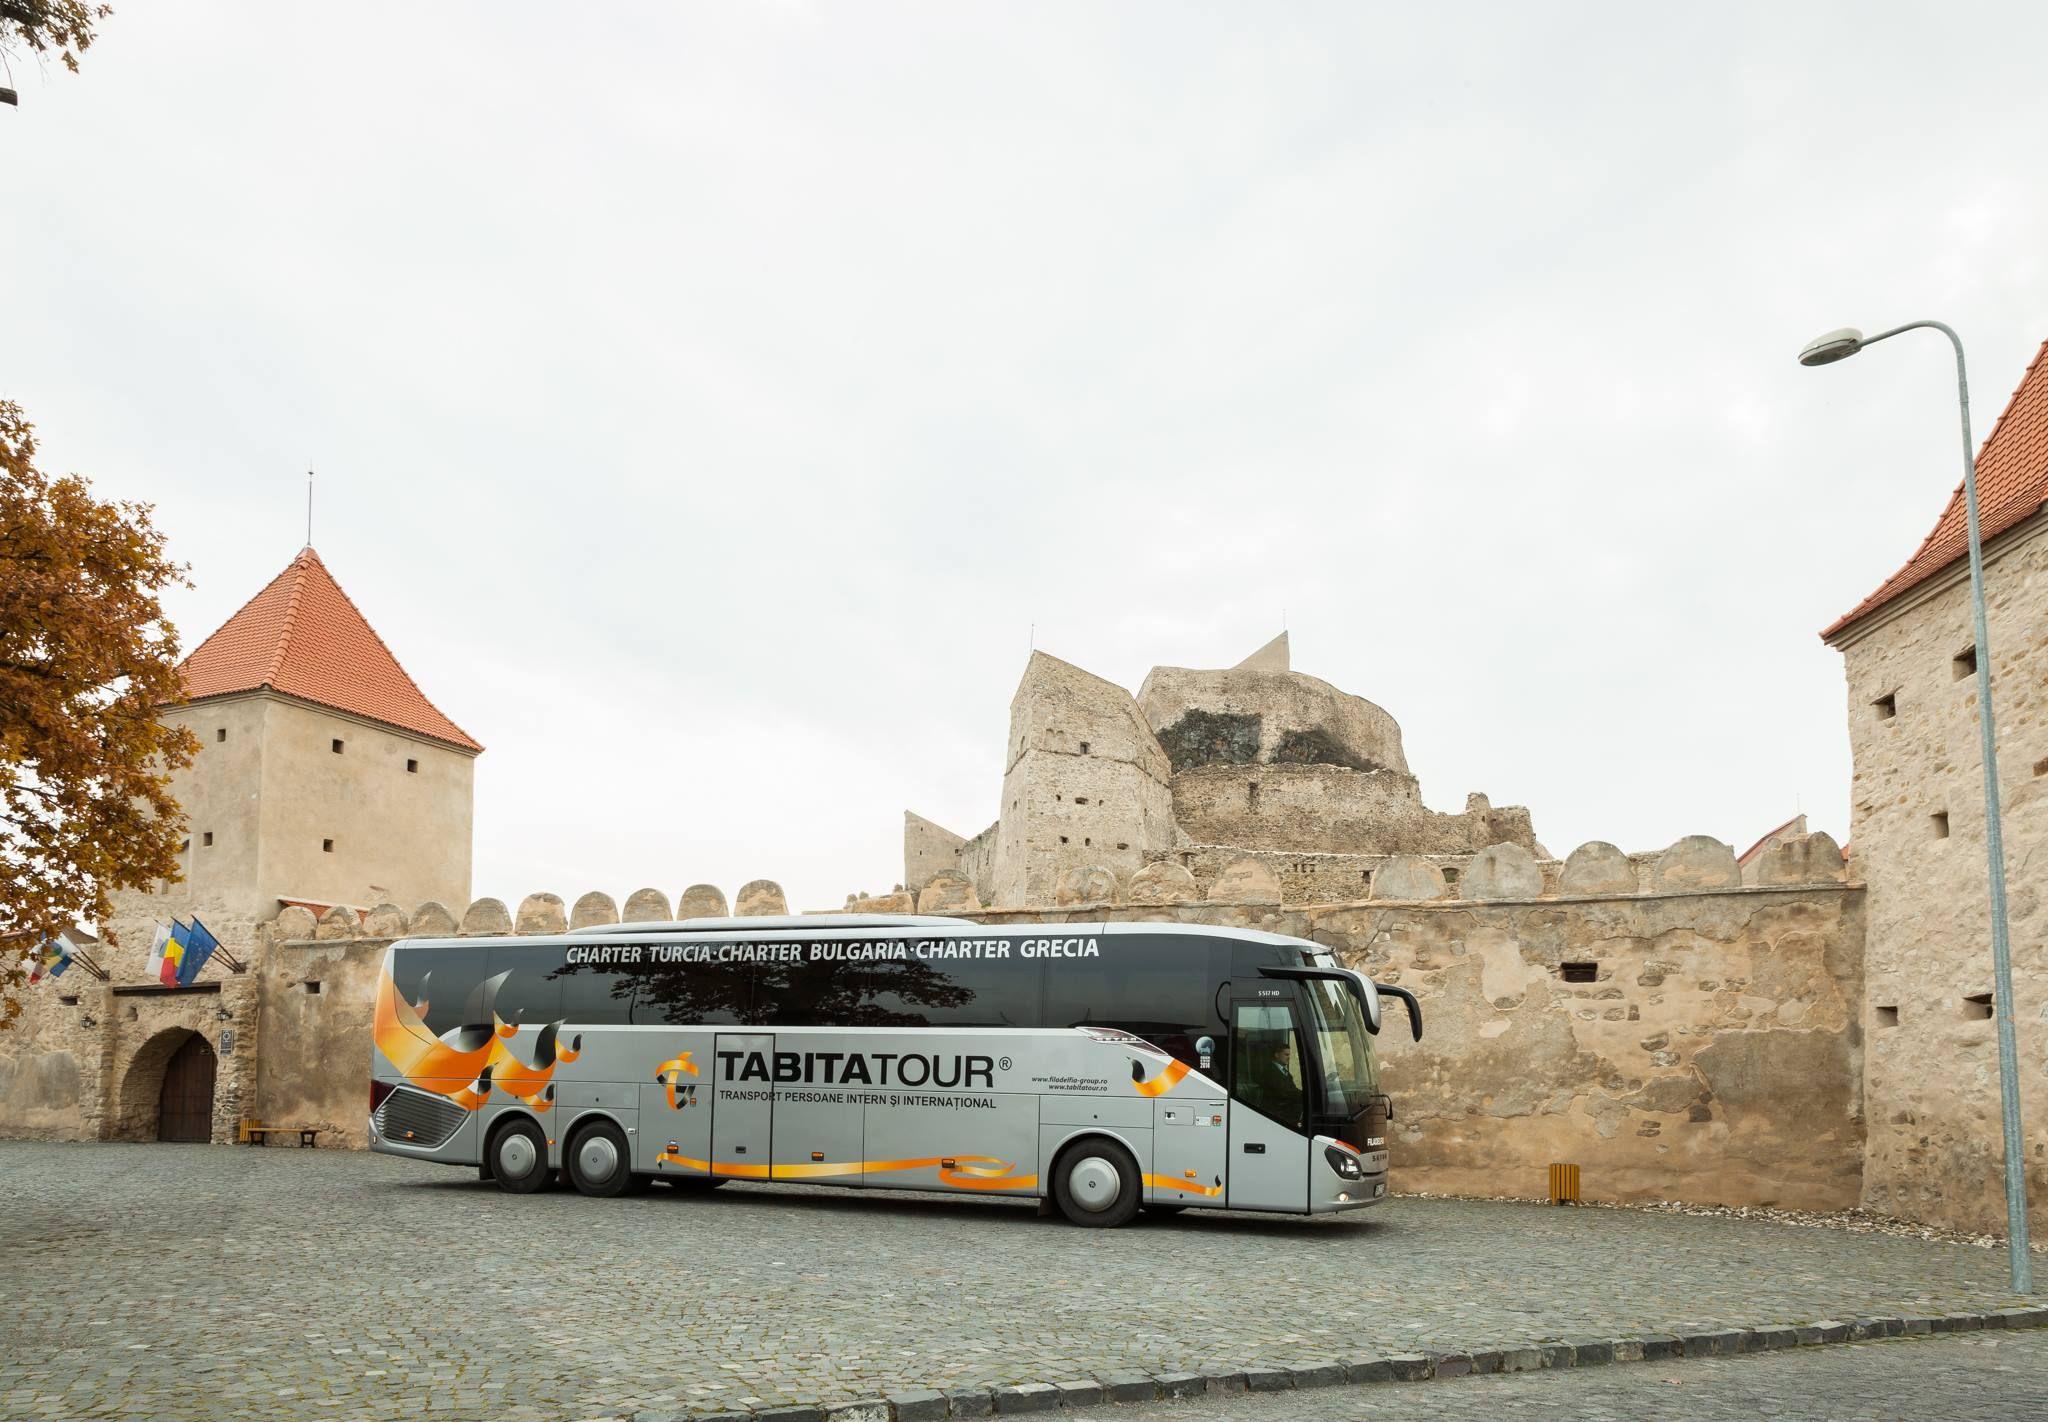 Viajes internacionales en autobús